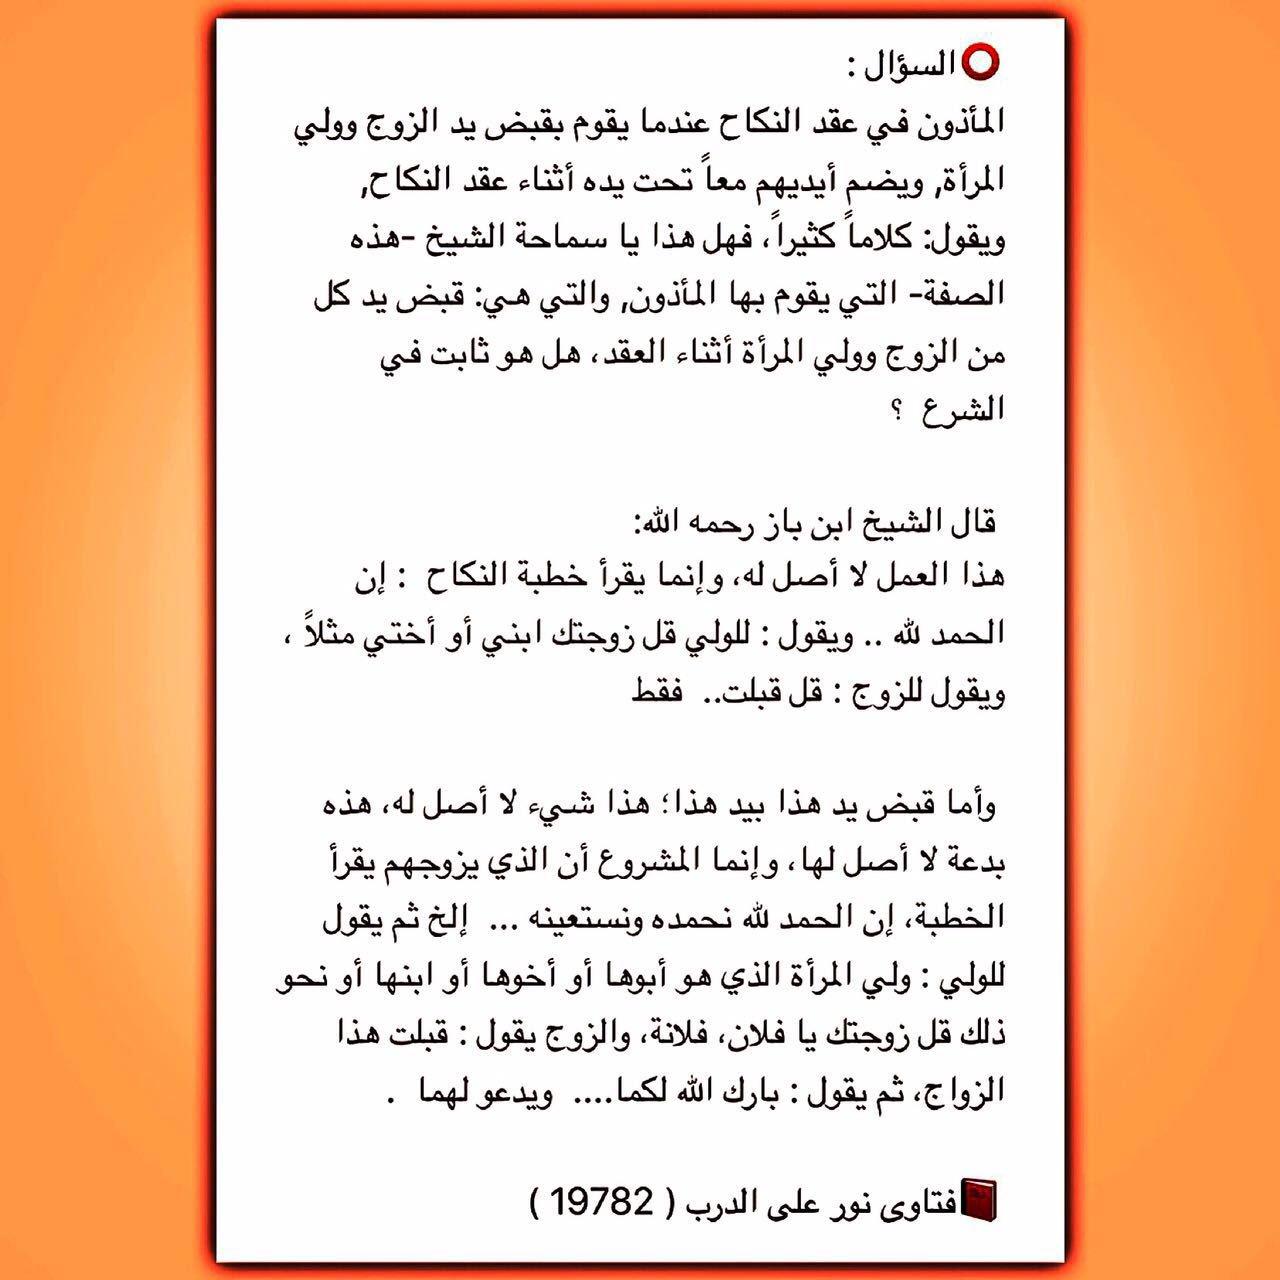 كبار علماء أهل السنة على تويتر حكم قبض يد كل من الزوج وولي المرأة أثناء عقد النكاح قال الشيخ ابن باز رحمه الله